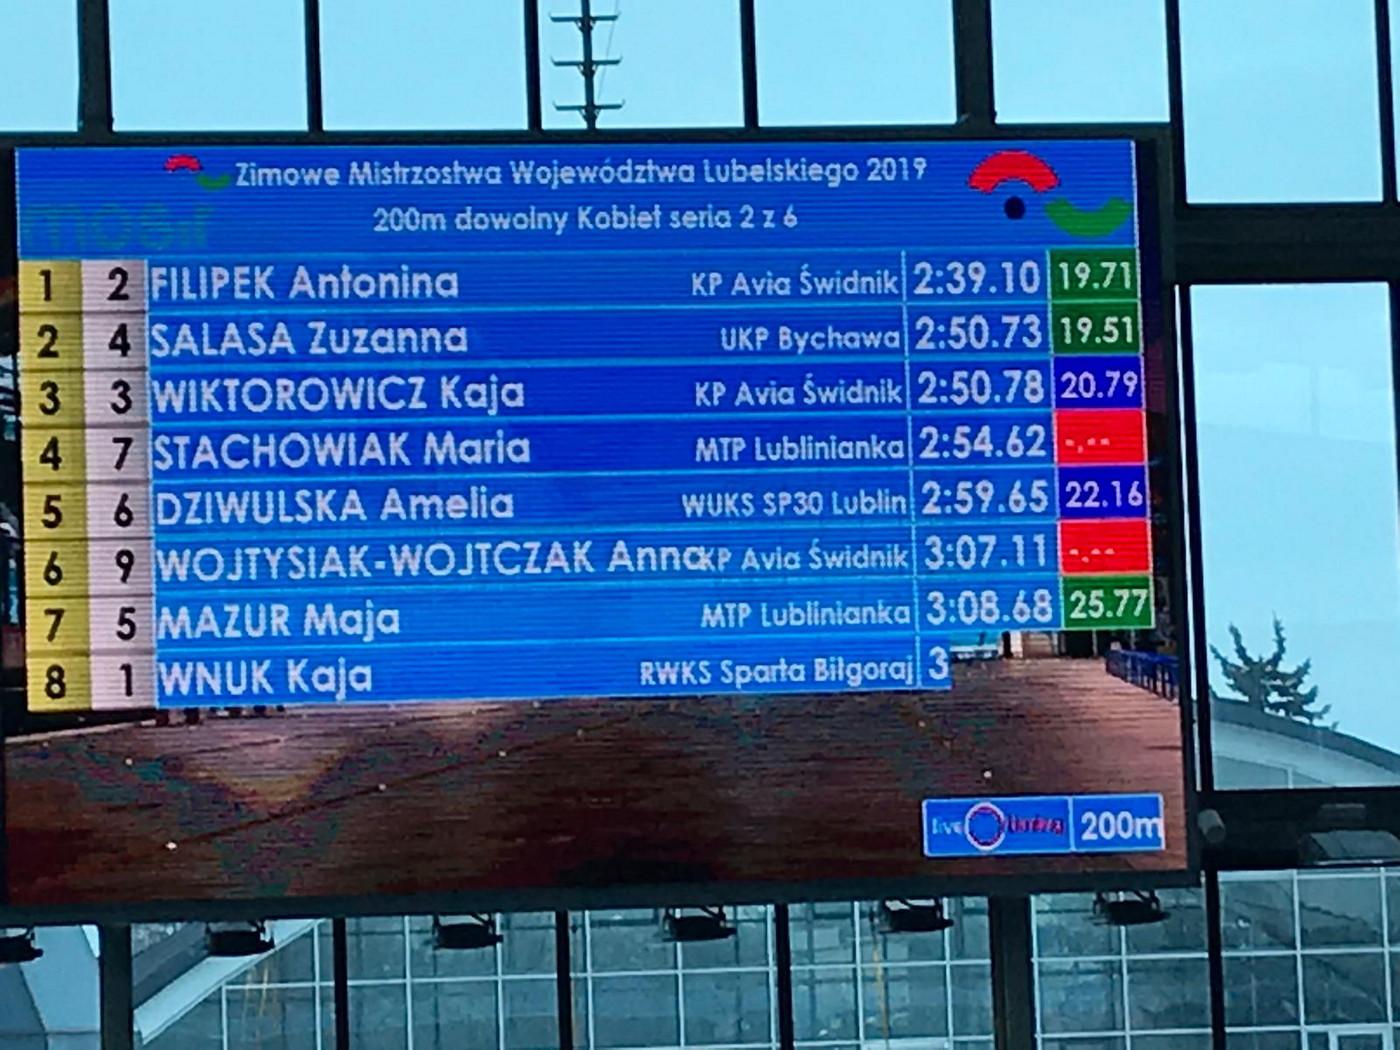 Ponowna wygrana w klasyfikacji postępów zawodników UKP Bychawa na Zimowych Mistrzostwach Województwa Lubelskiego w Pływaniu